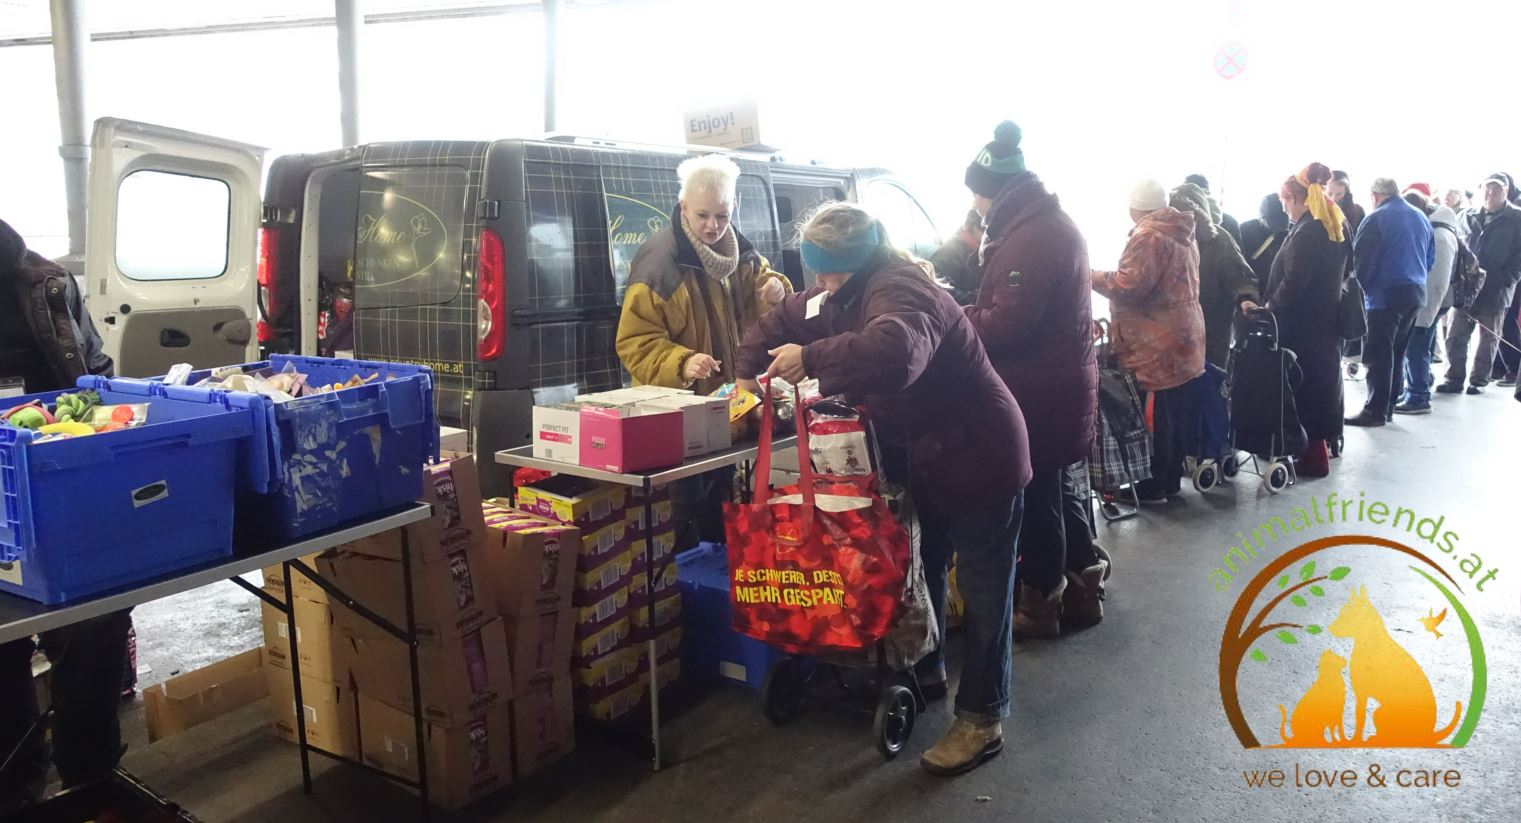 Obdachlosen-Projekt Praterstern, Wien: Hilfe für die Tiere und Ihre Betreuer